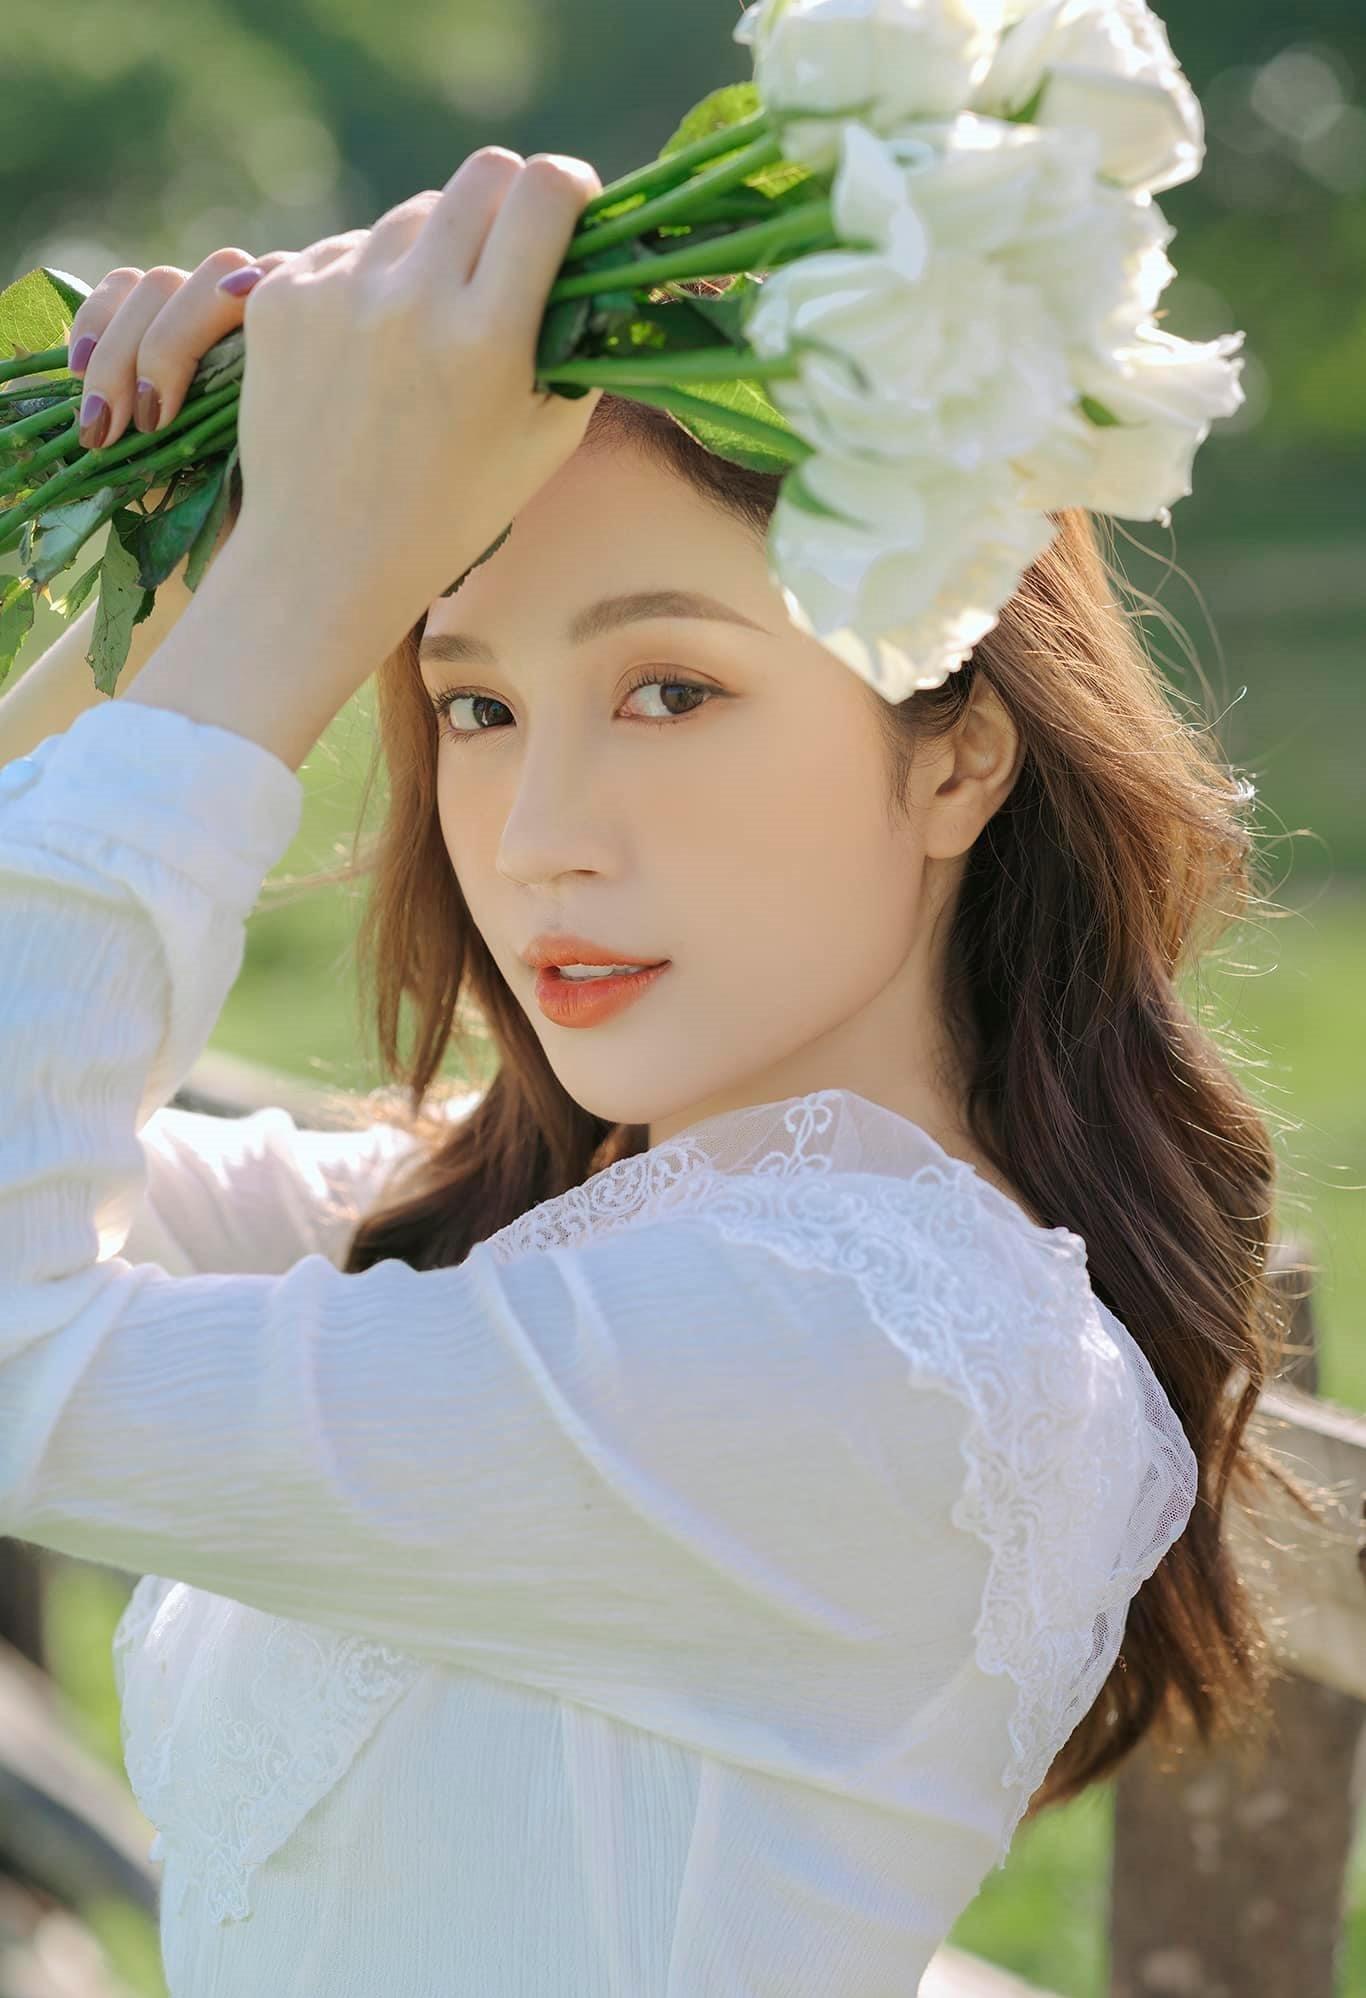 Nhan sắc xinh đẹp của MC Ngọc Anh VTV